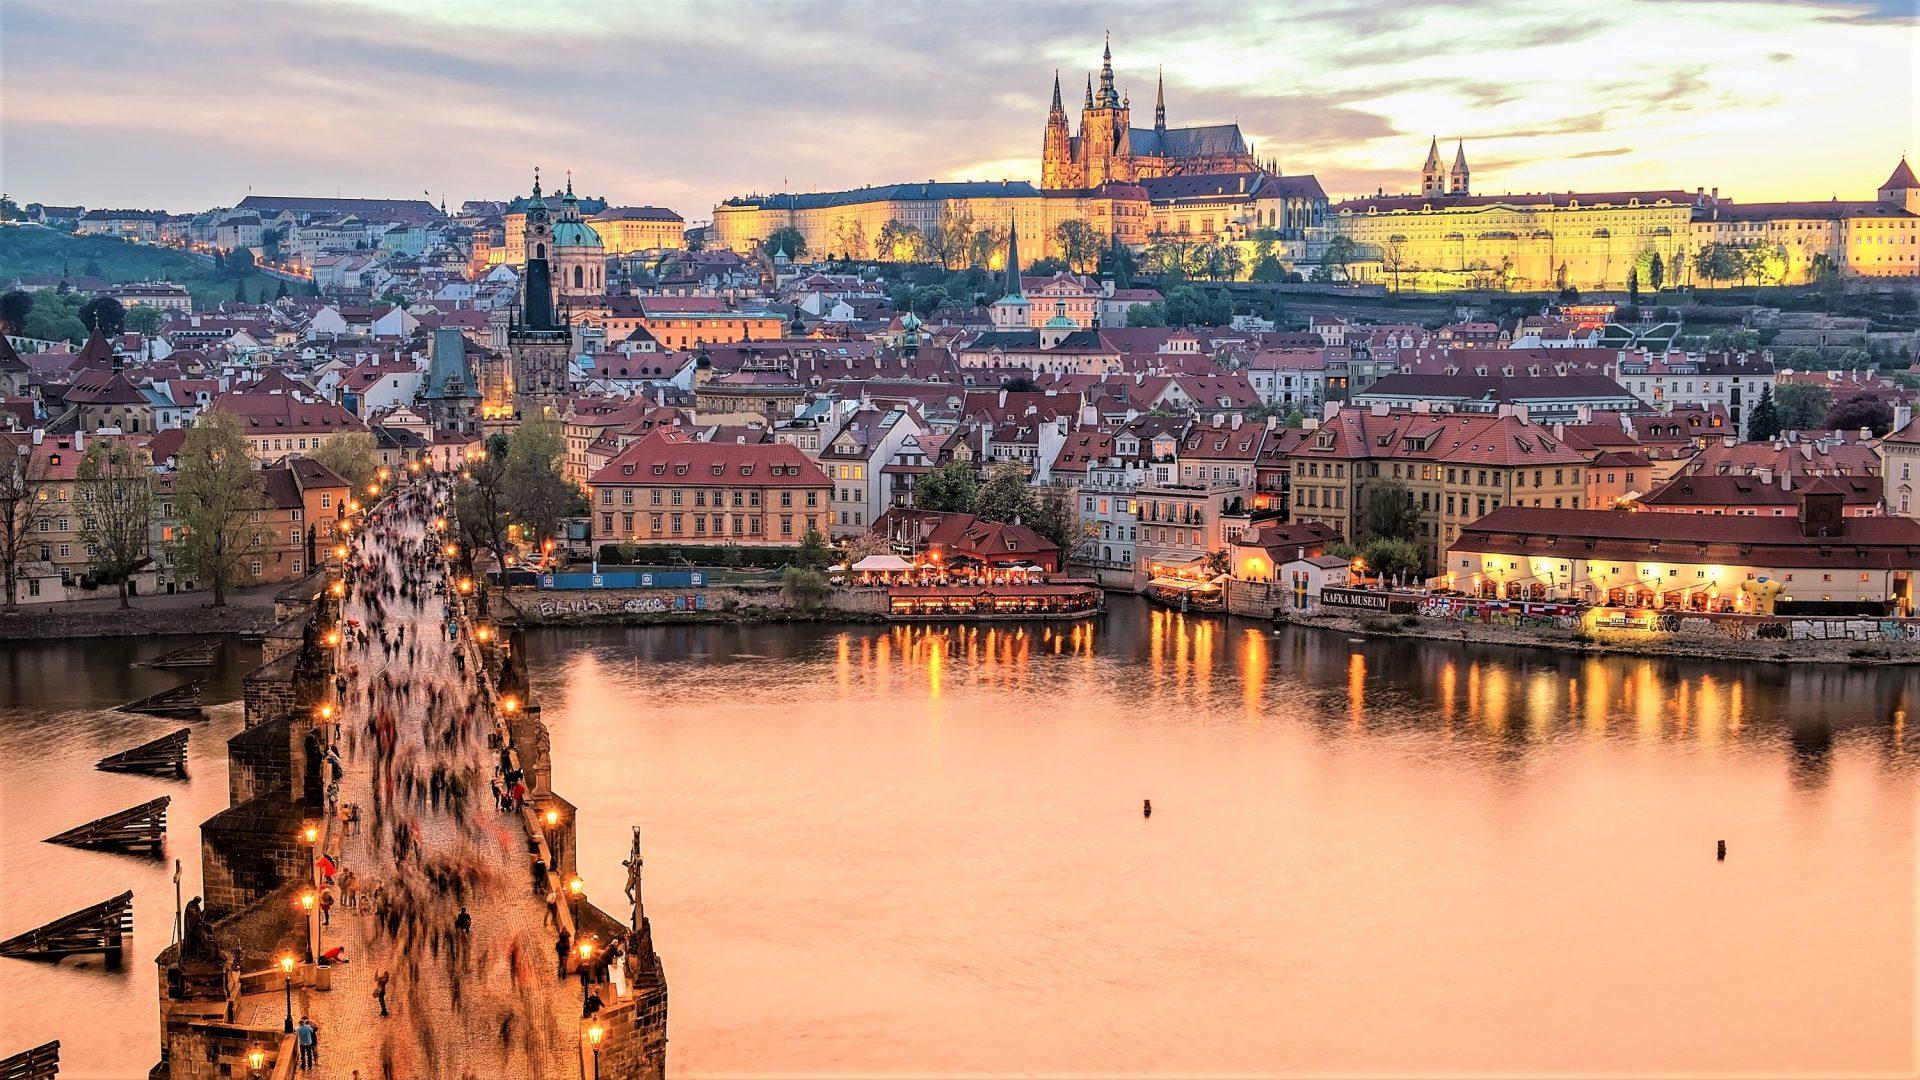 Erstes-Hyatt-Hotel-Tschechiens-ffnet-als-Andaz-Prag-im-kommenden-Jahr-seine-T-ren